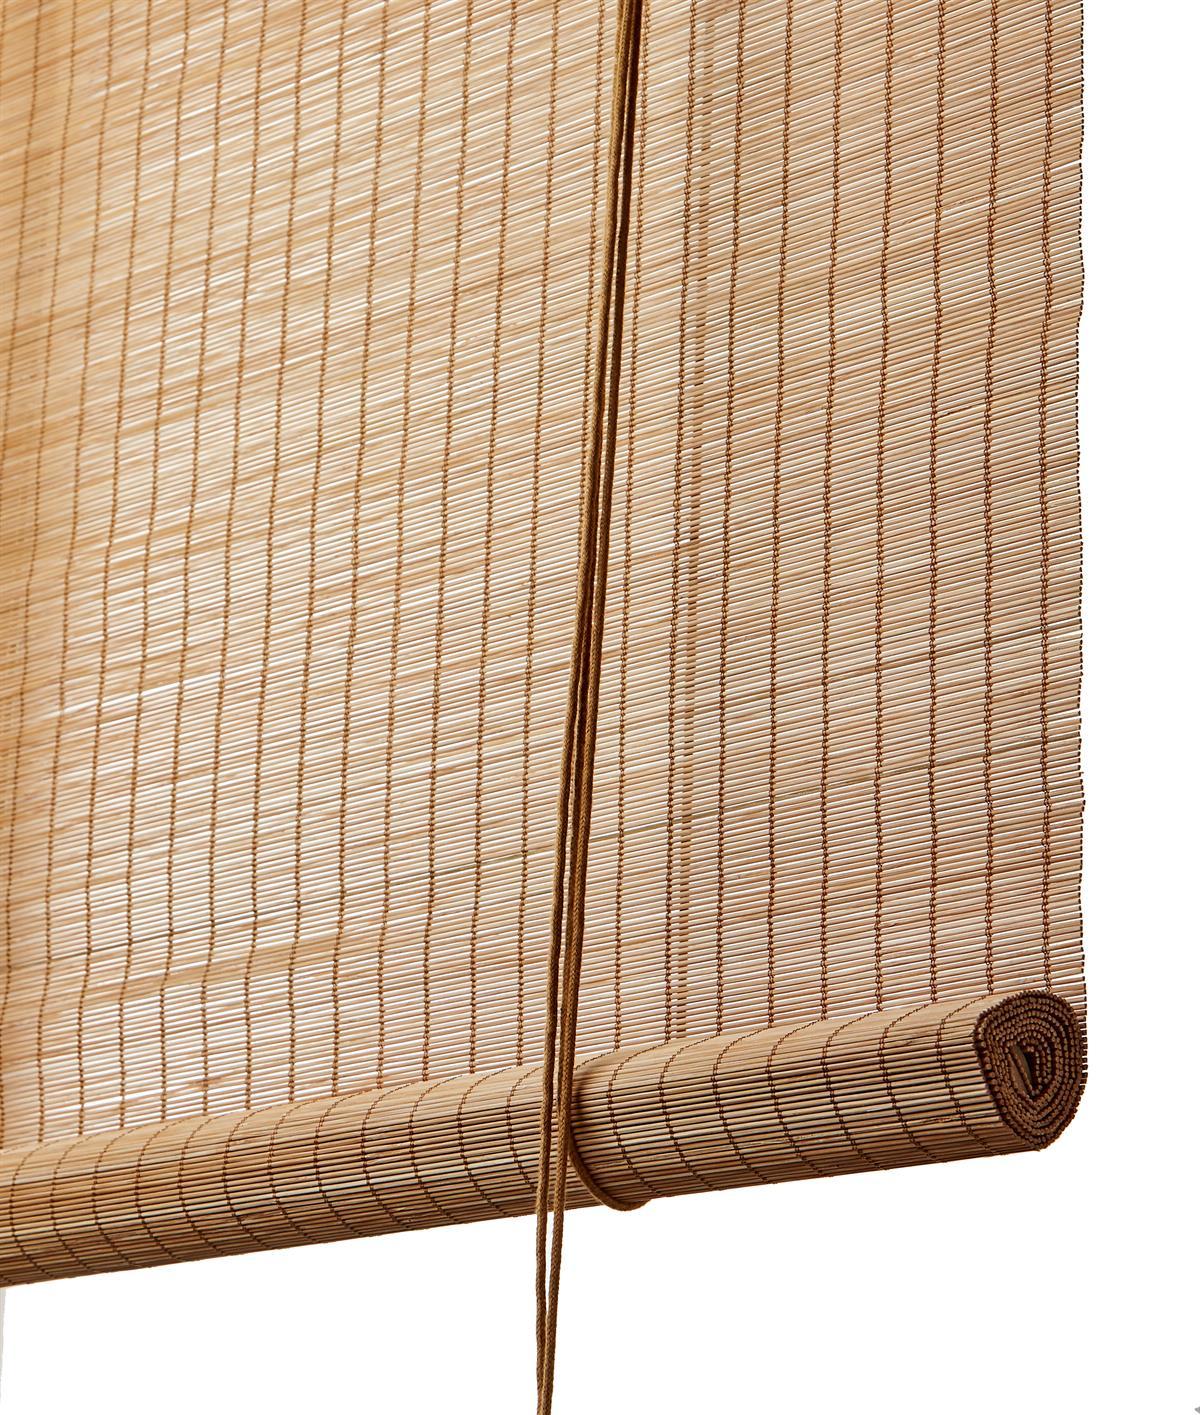 bambus rullegardin BRUN FIN BAMBUS RULLEGARDIN bambus rullegardin